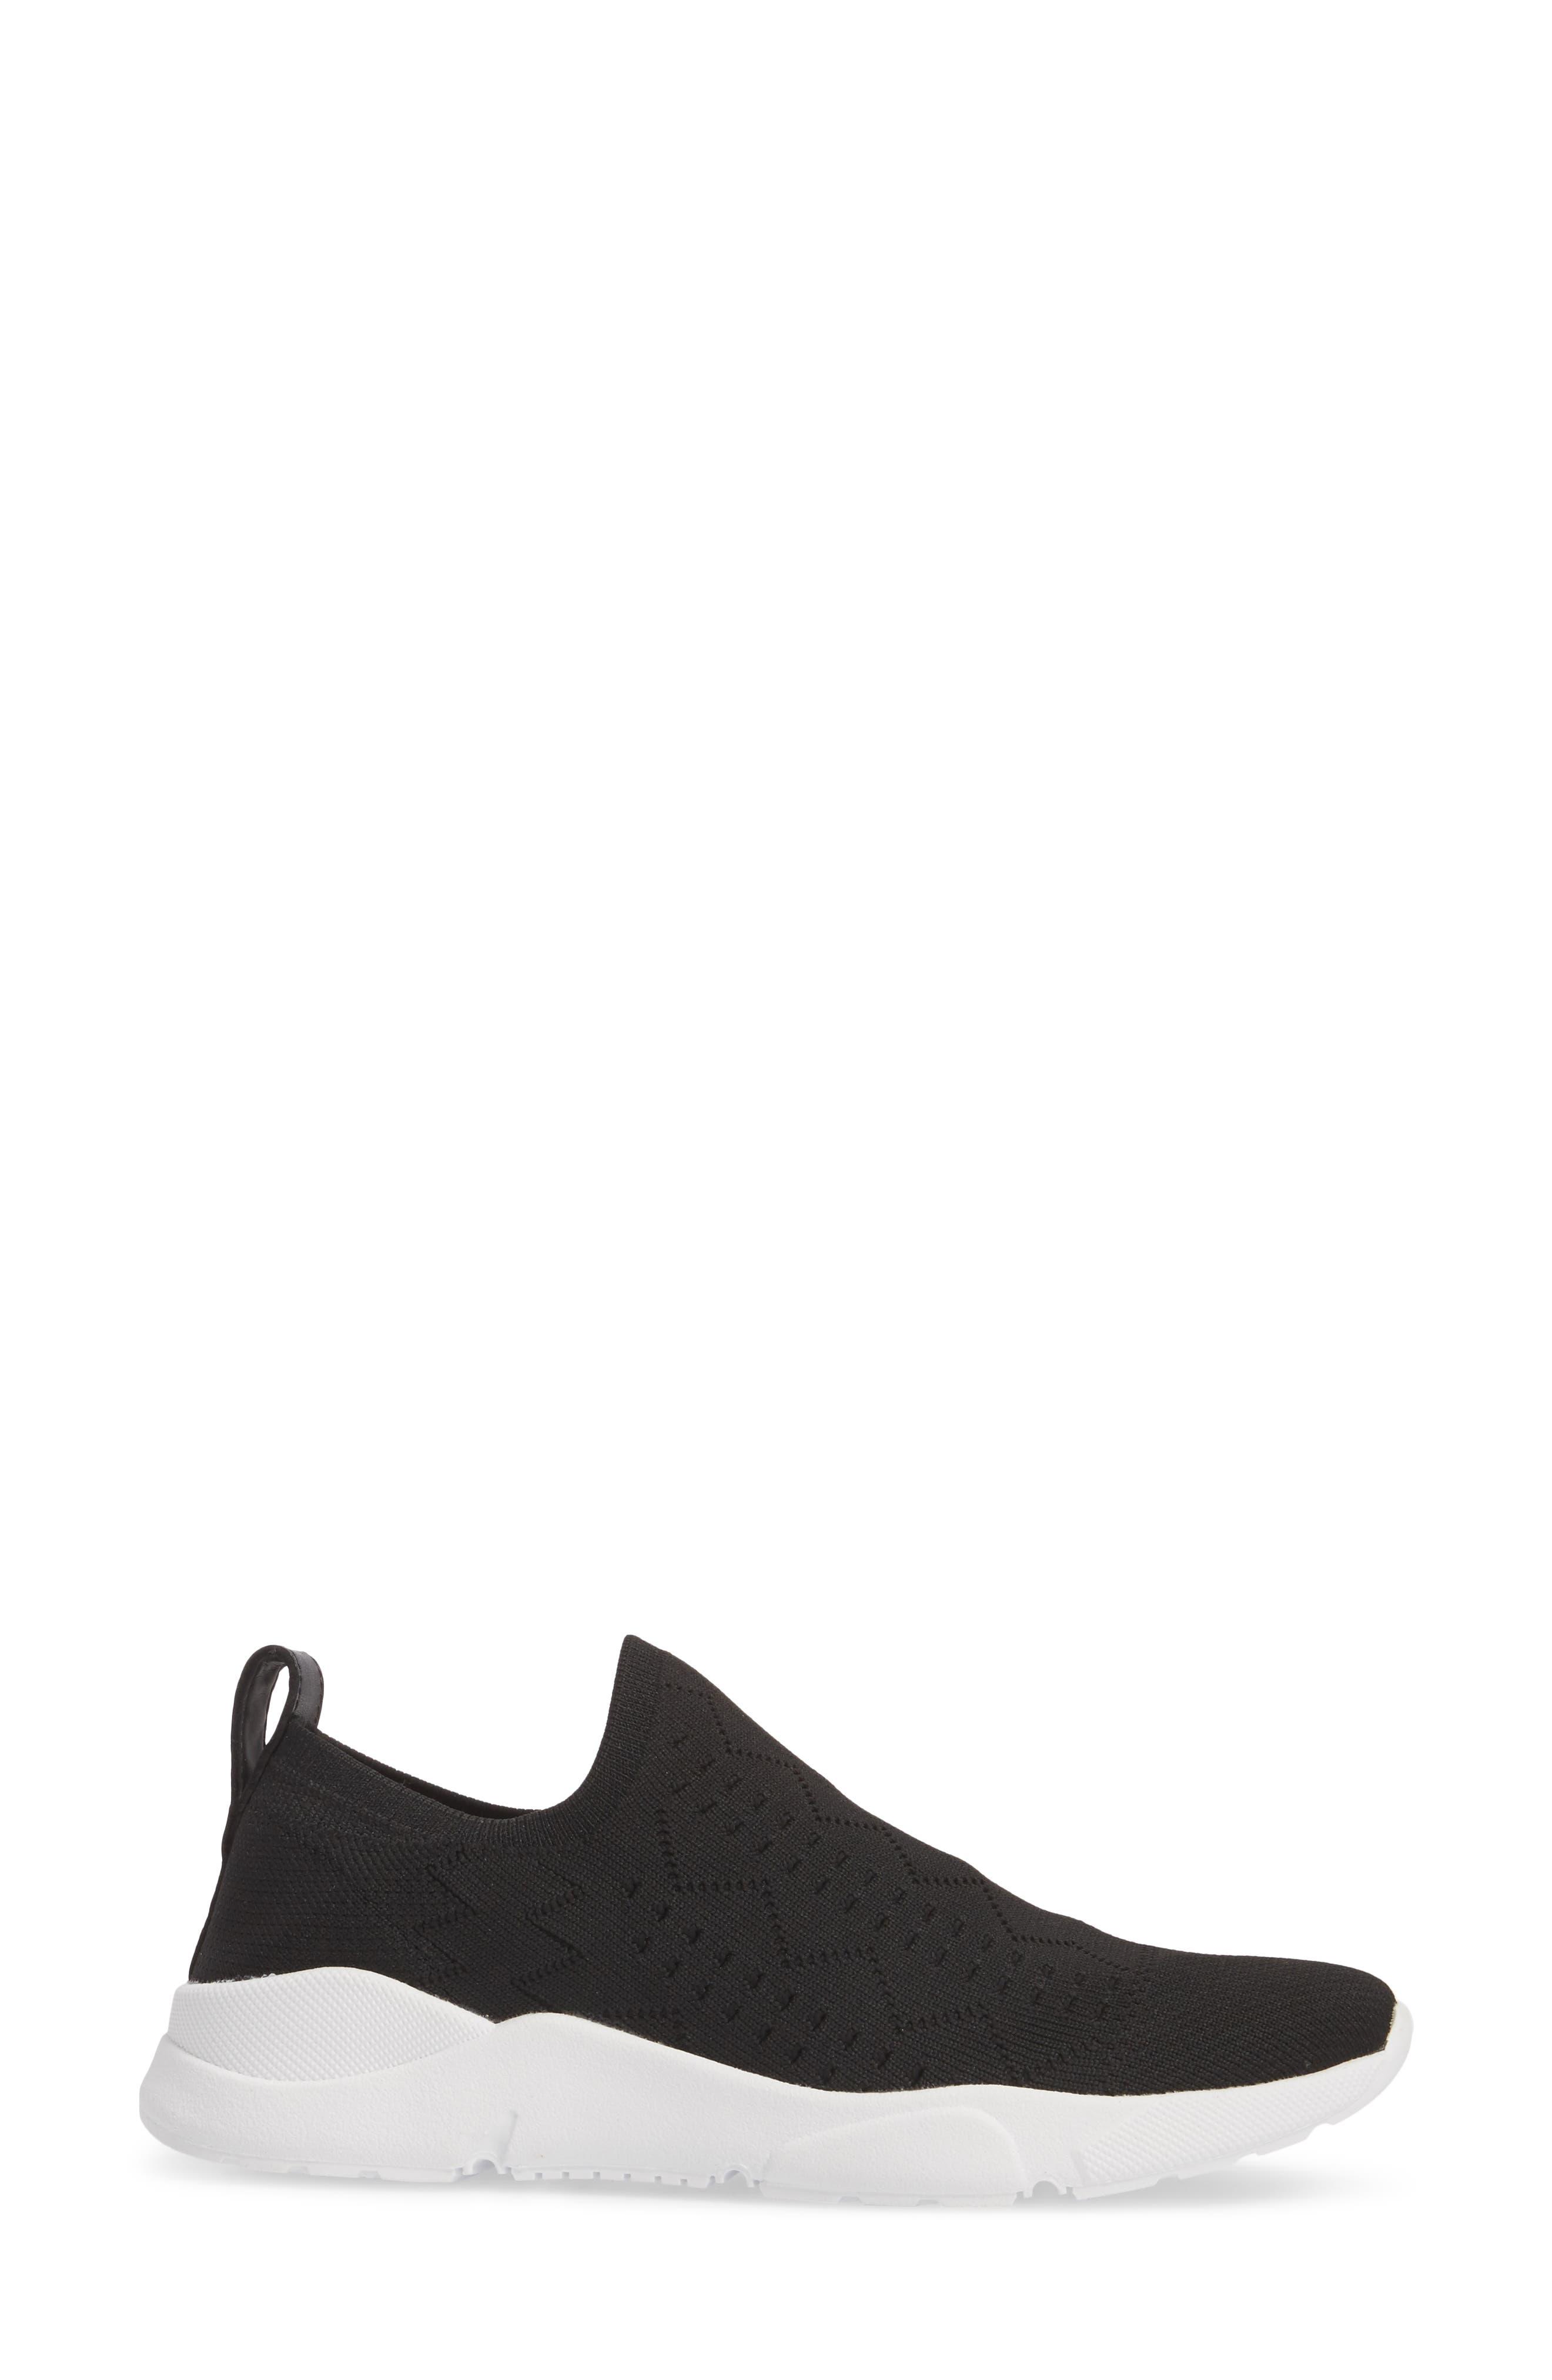 Karrie Slip-On Sneaker,                             Alternate thumbnail 3, color,                             001